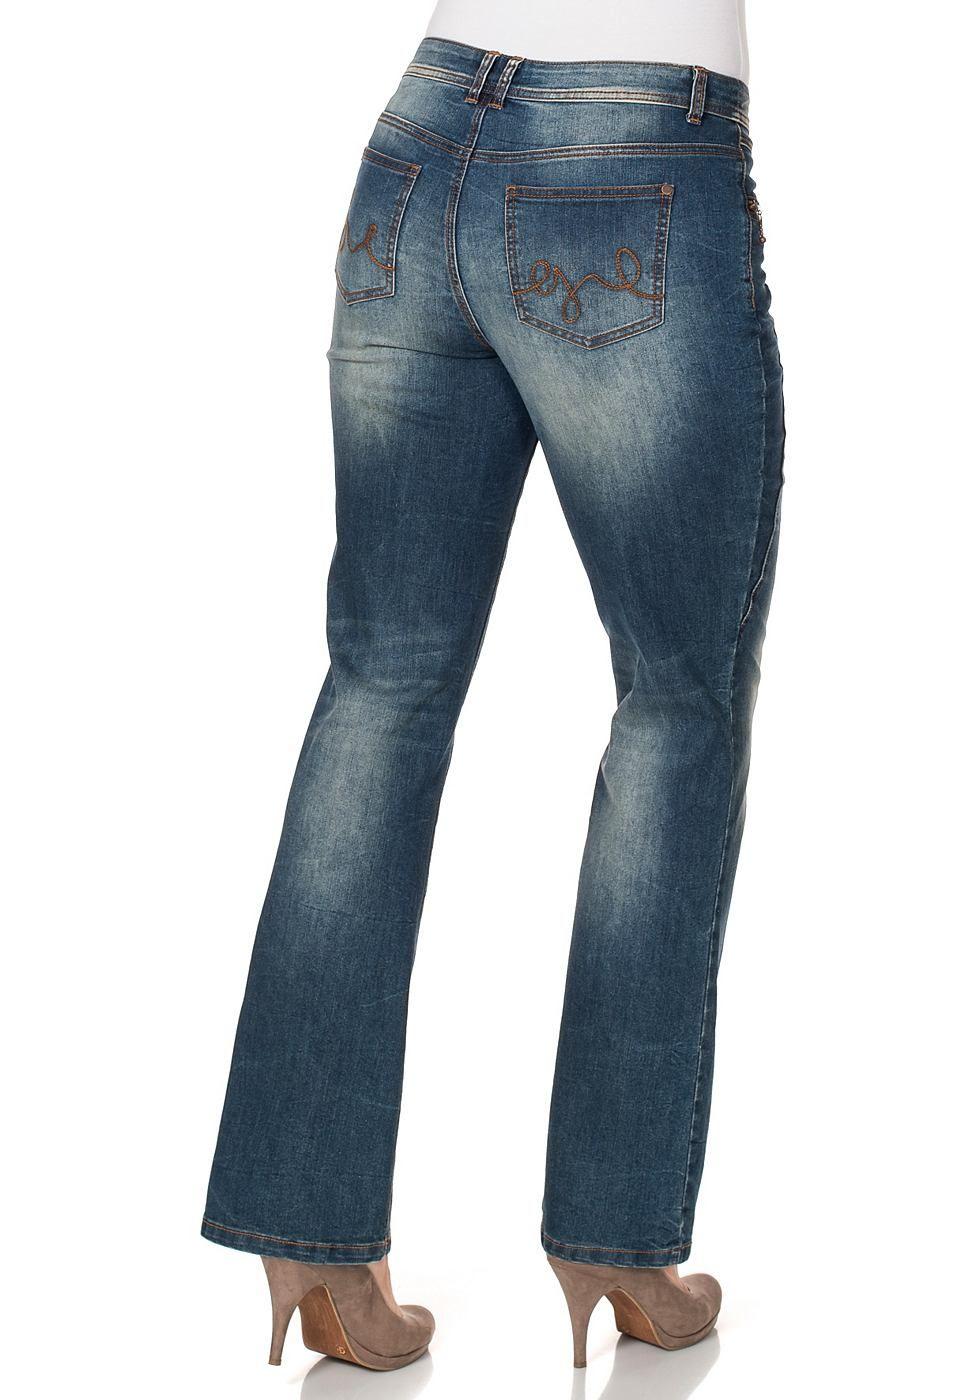 Jeans Langgrössen online kaufen